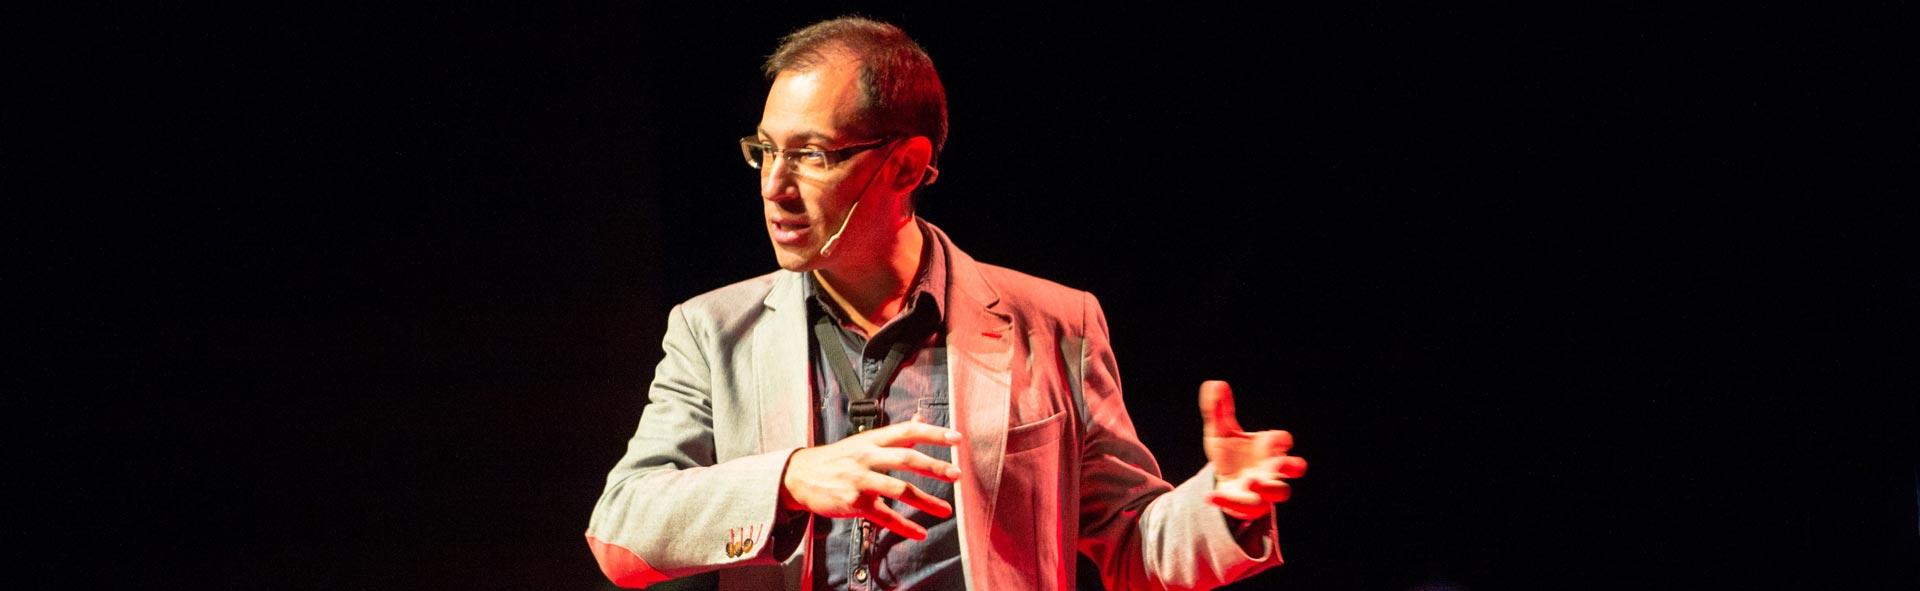 Héctor Robles Curso de innovación empresarial Honest Strategy